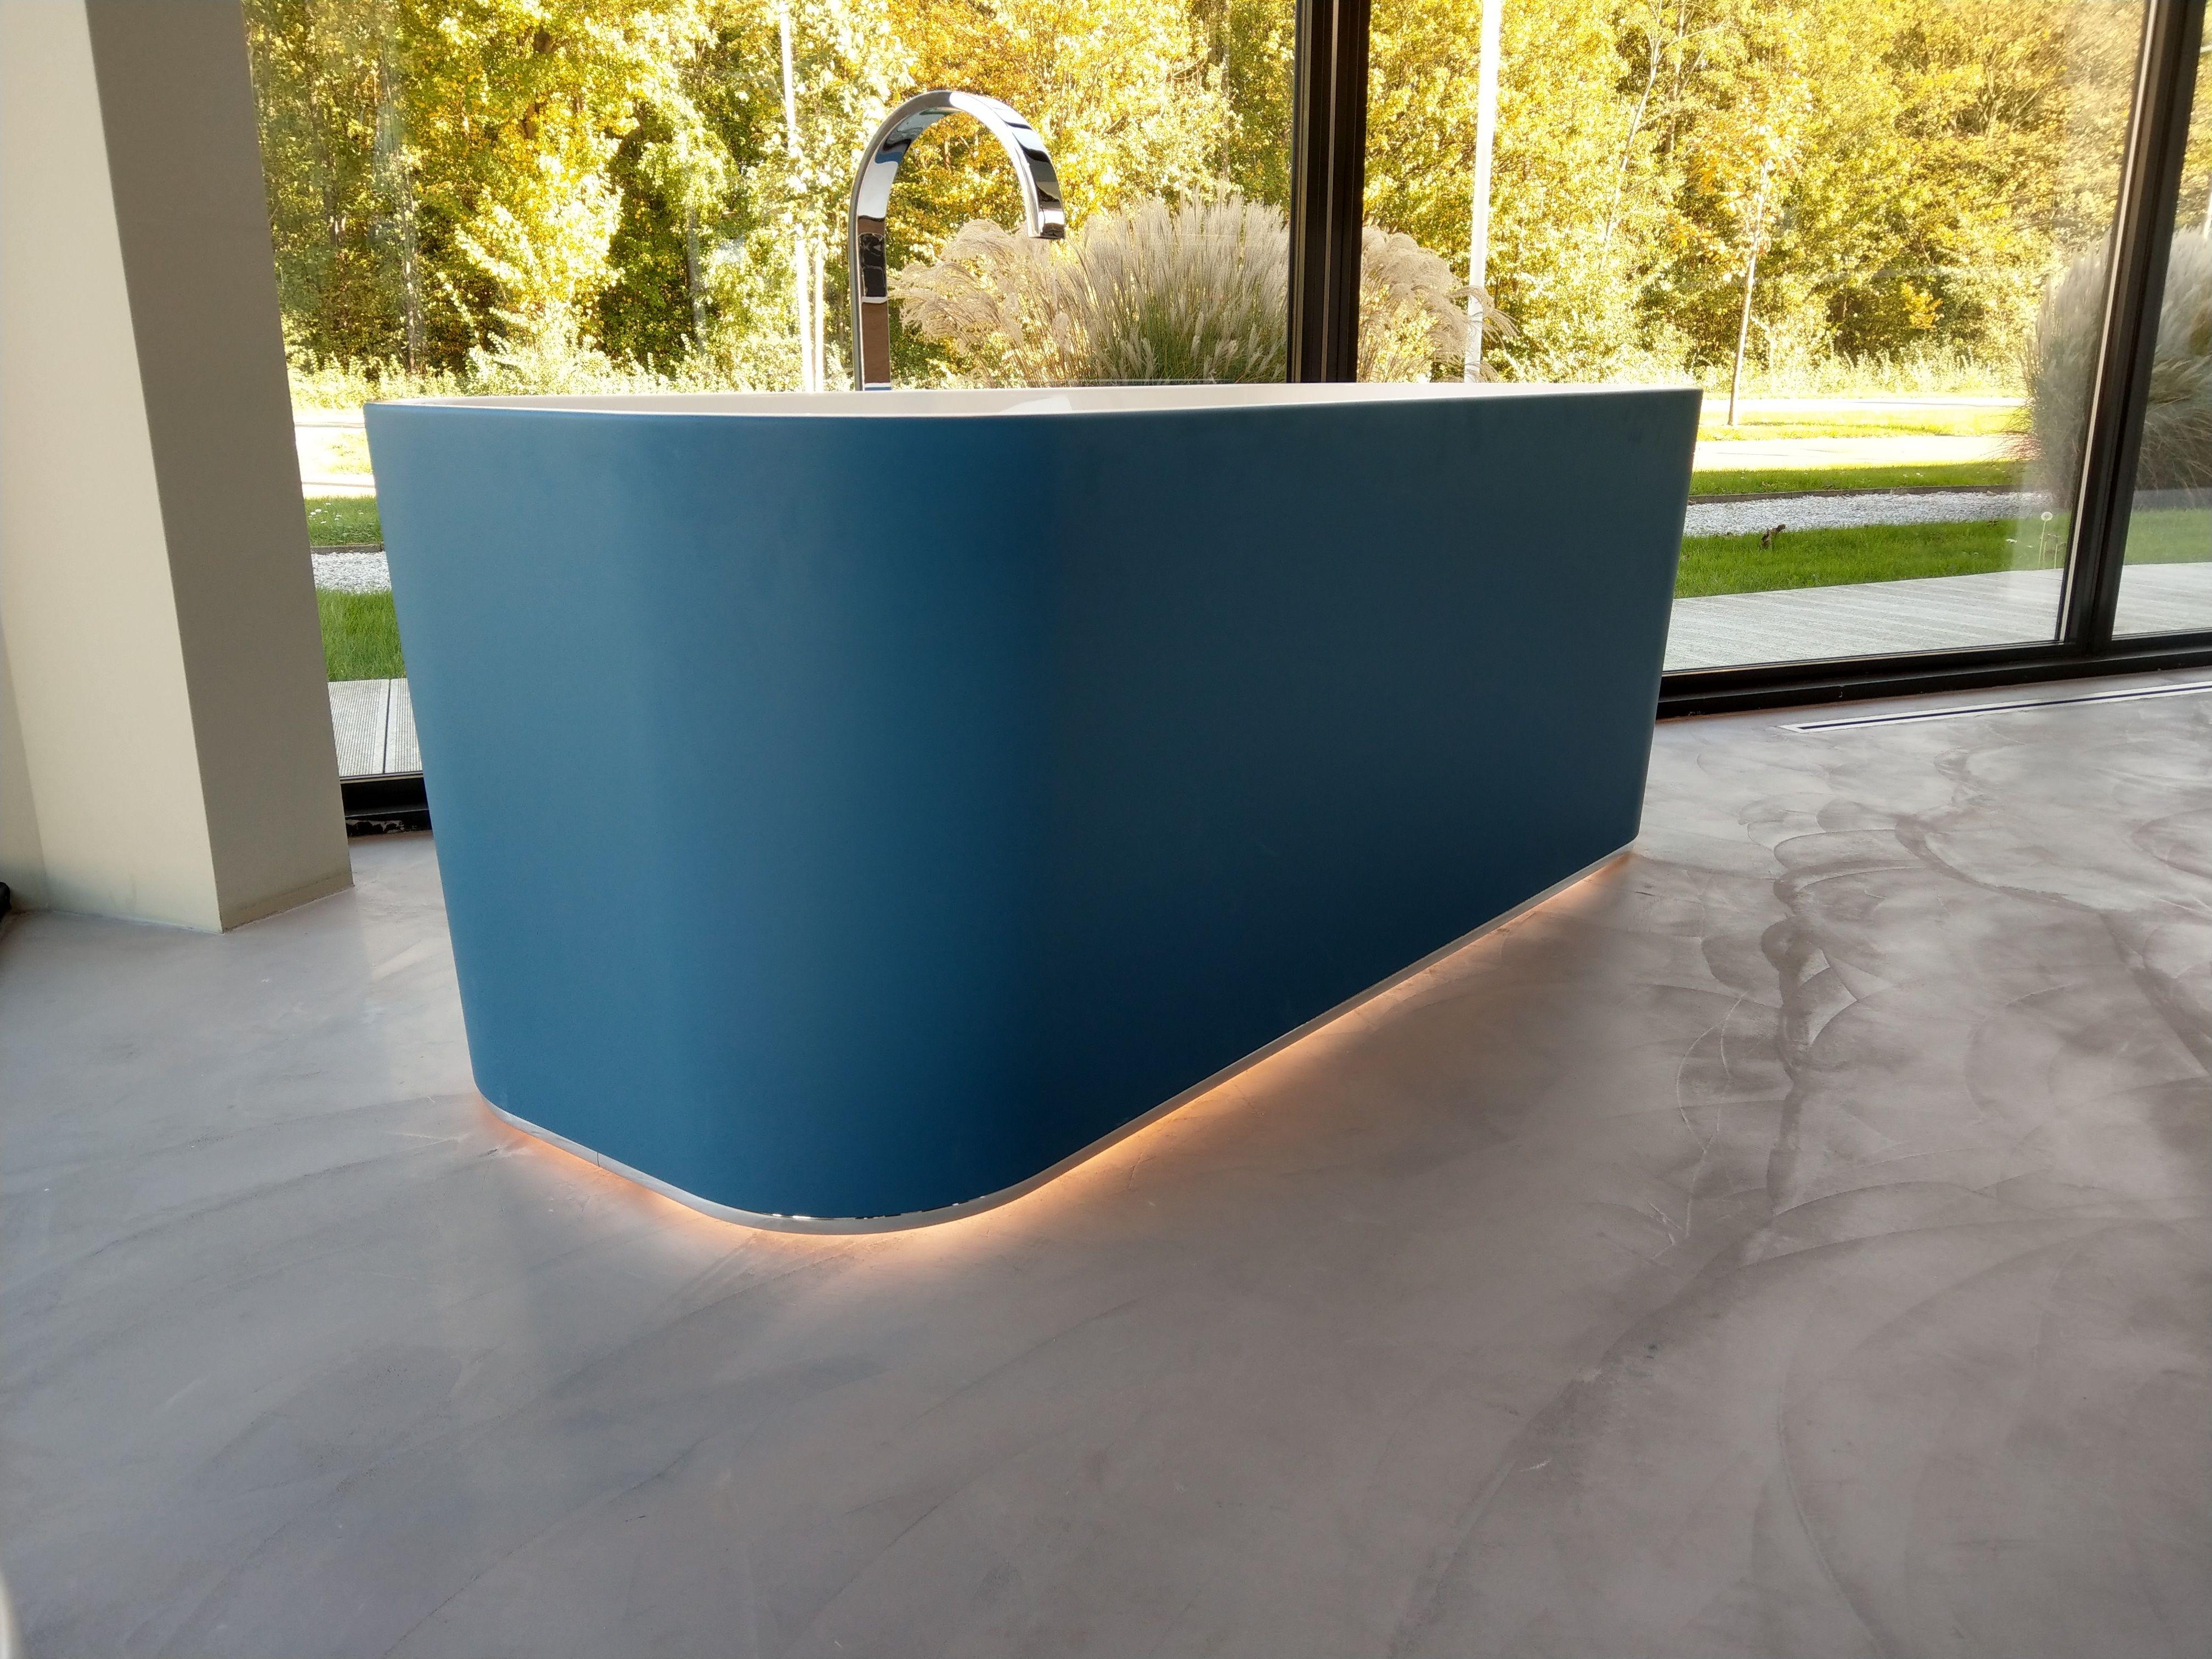 ligbad villeroy boch finion in unieke two tone kleur met led verlichting onder